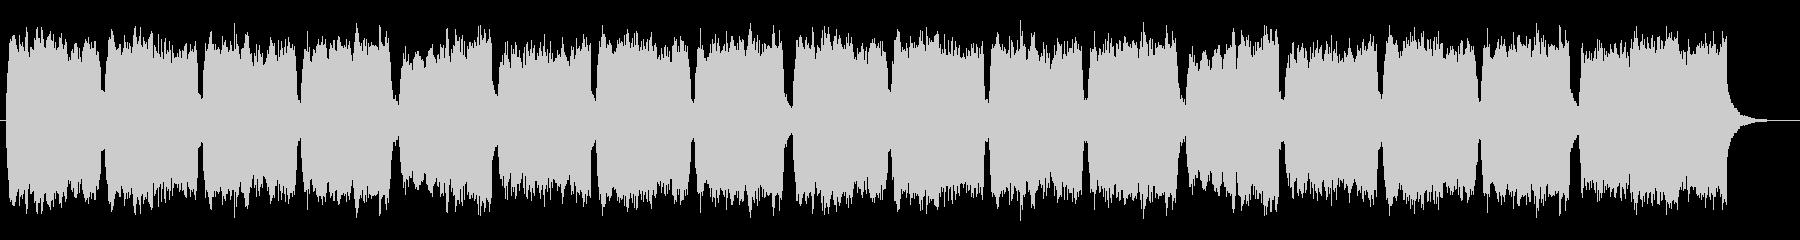 合唱とオルガン、賛美歌430番、結婚式にの未再生の波形